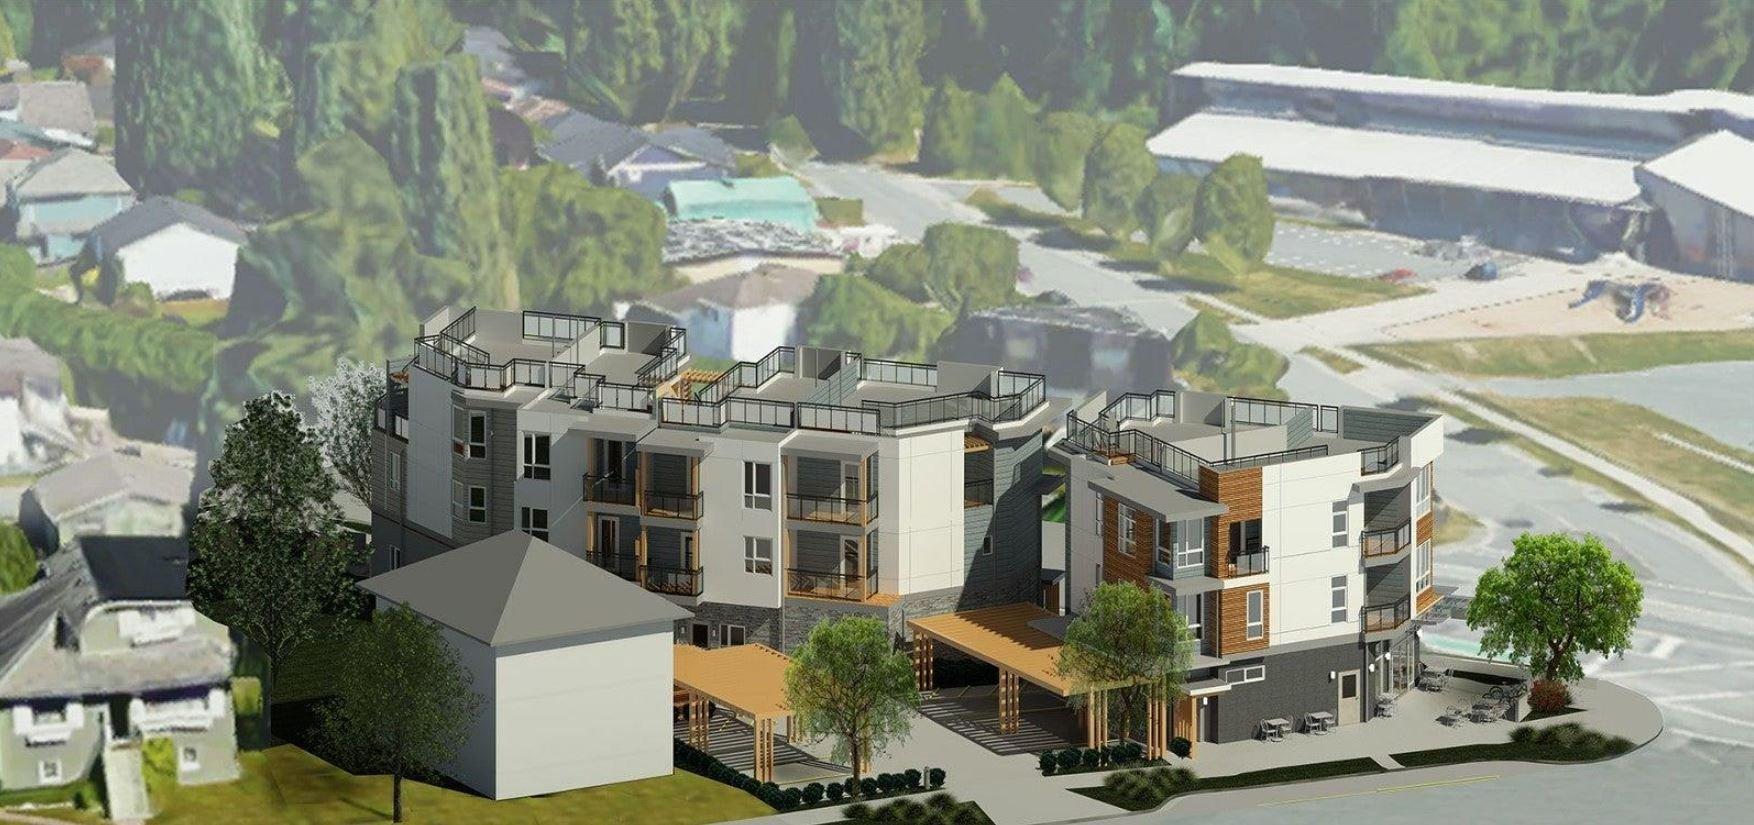 West Wood Homes - 1705 Larson Rd - Rendering!